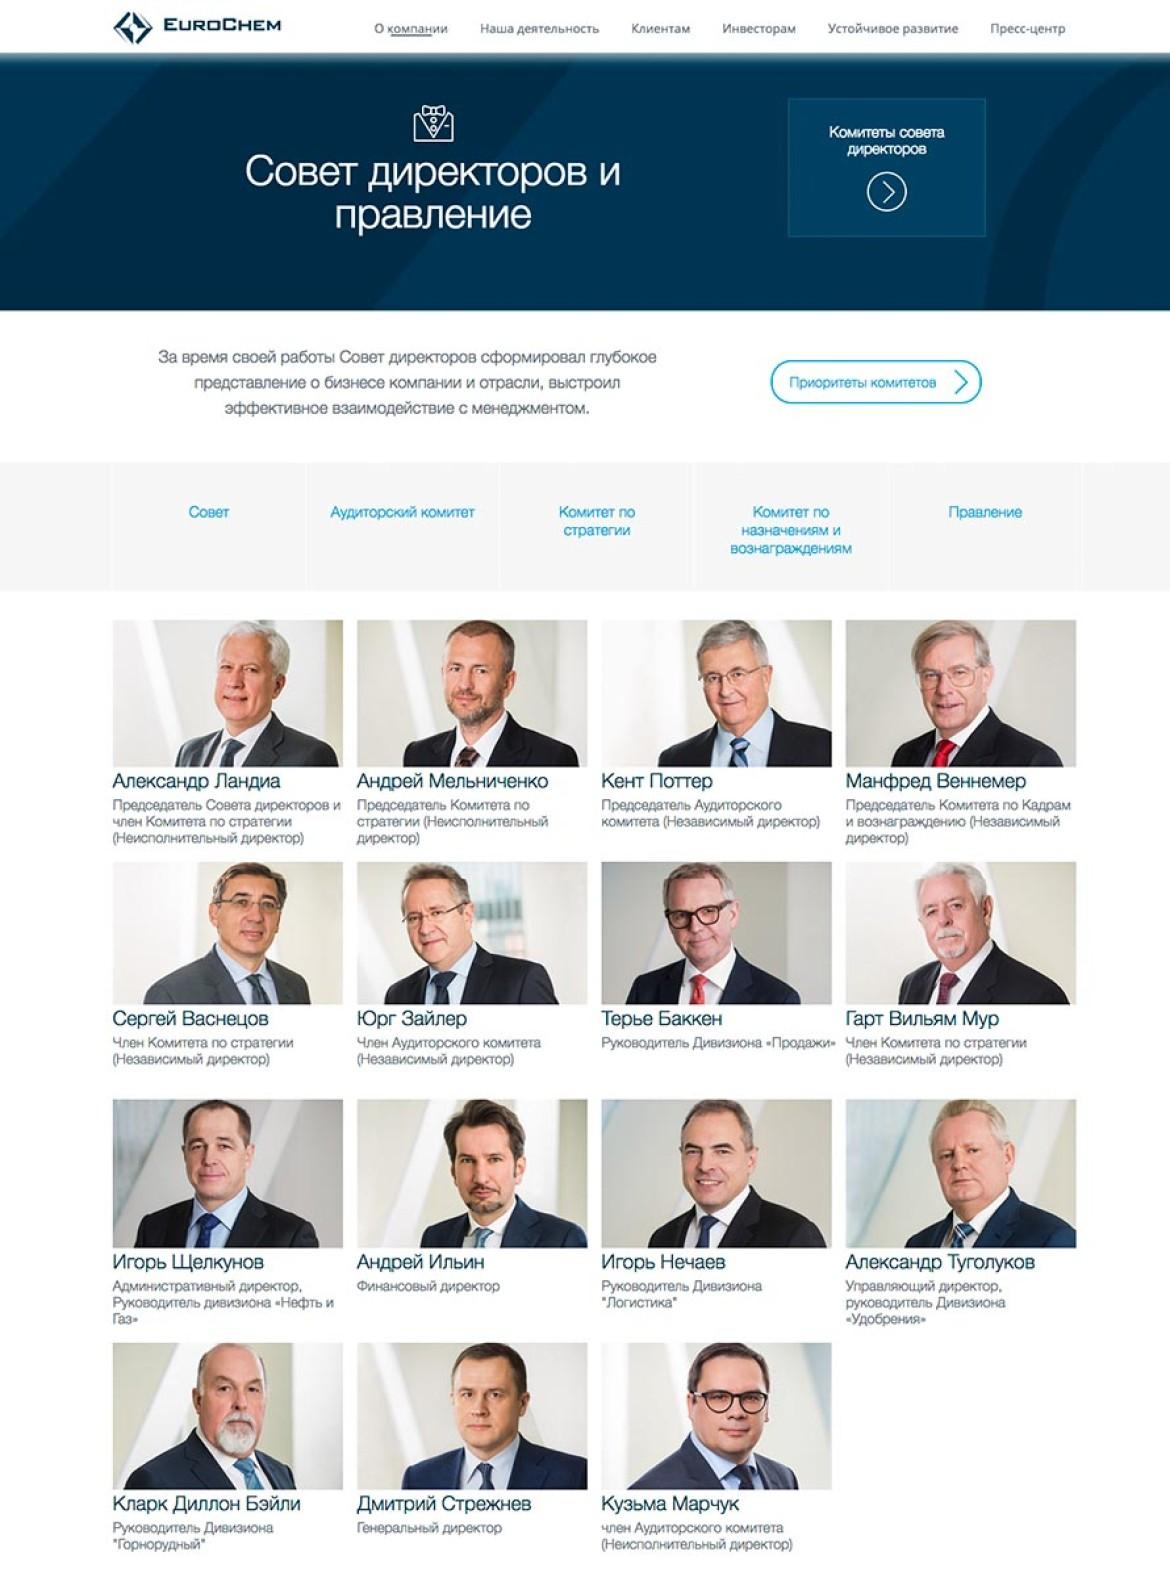 Бизнес портрет совета директоров Еврохим